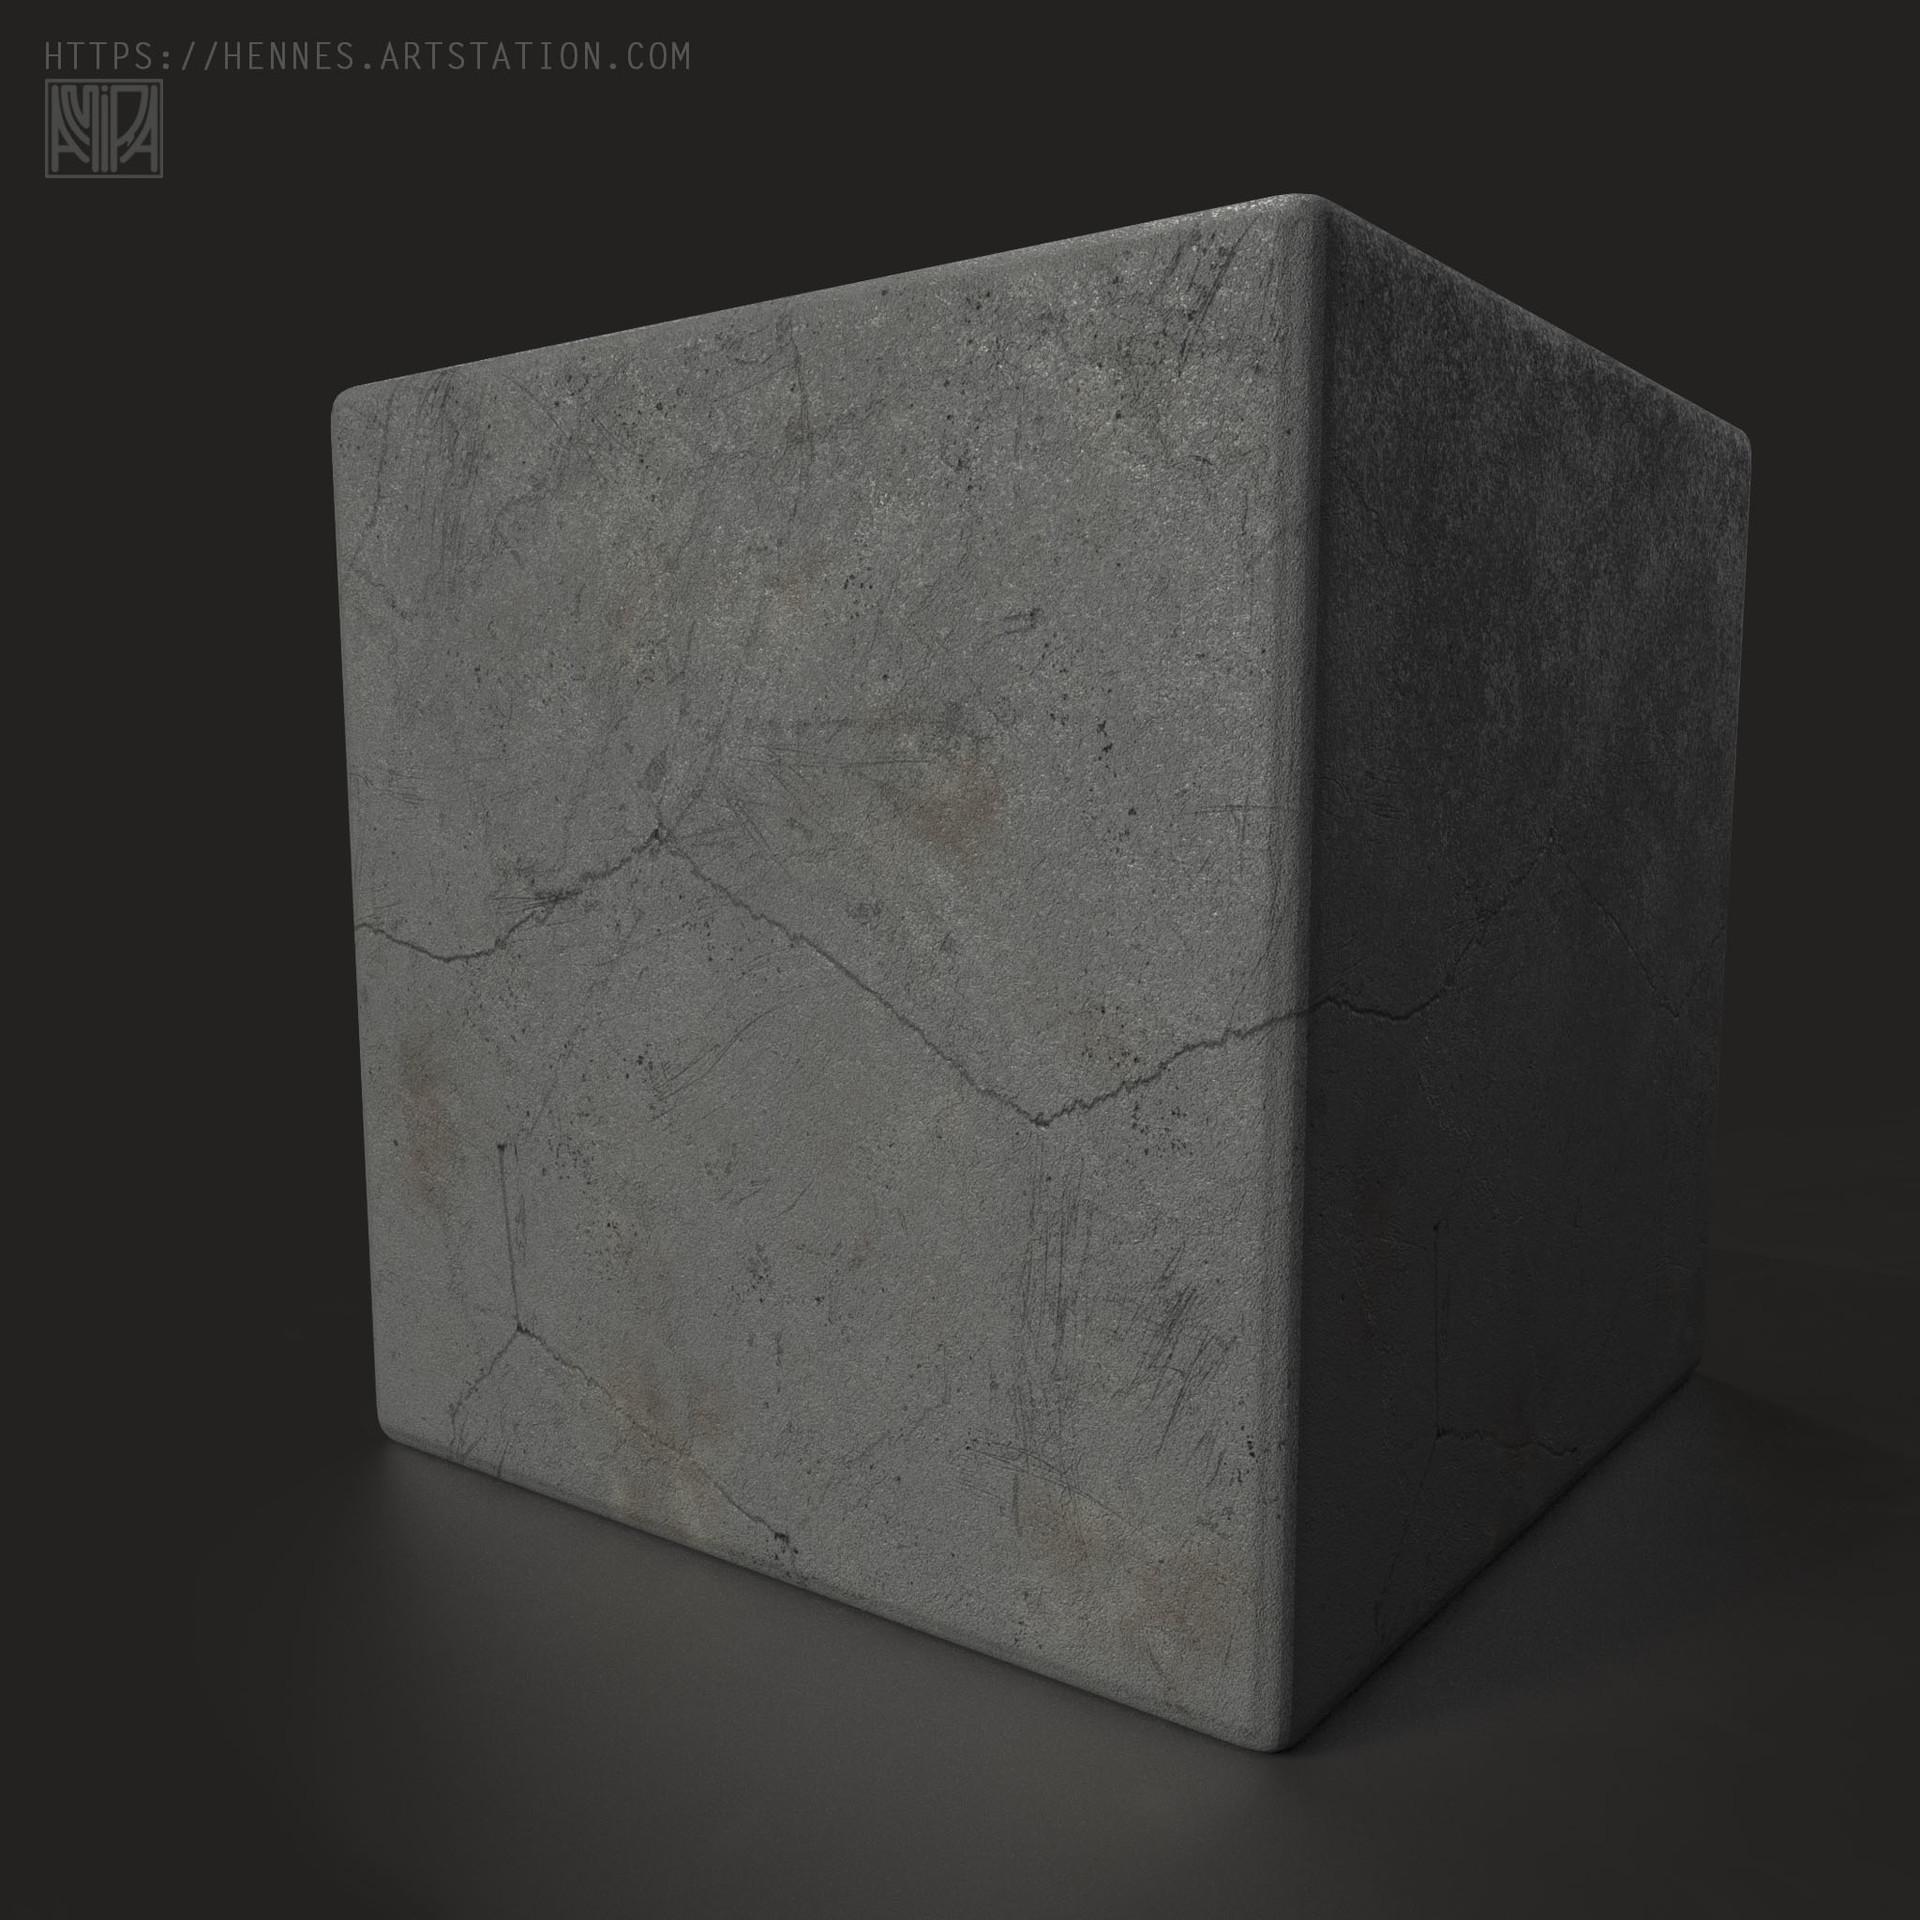 Amira hennes amirahennes concrete 01